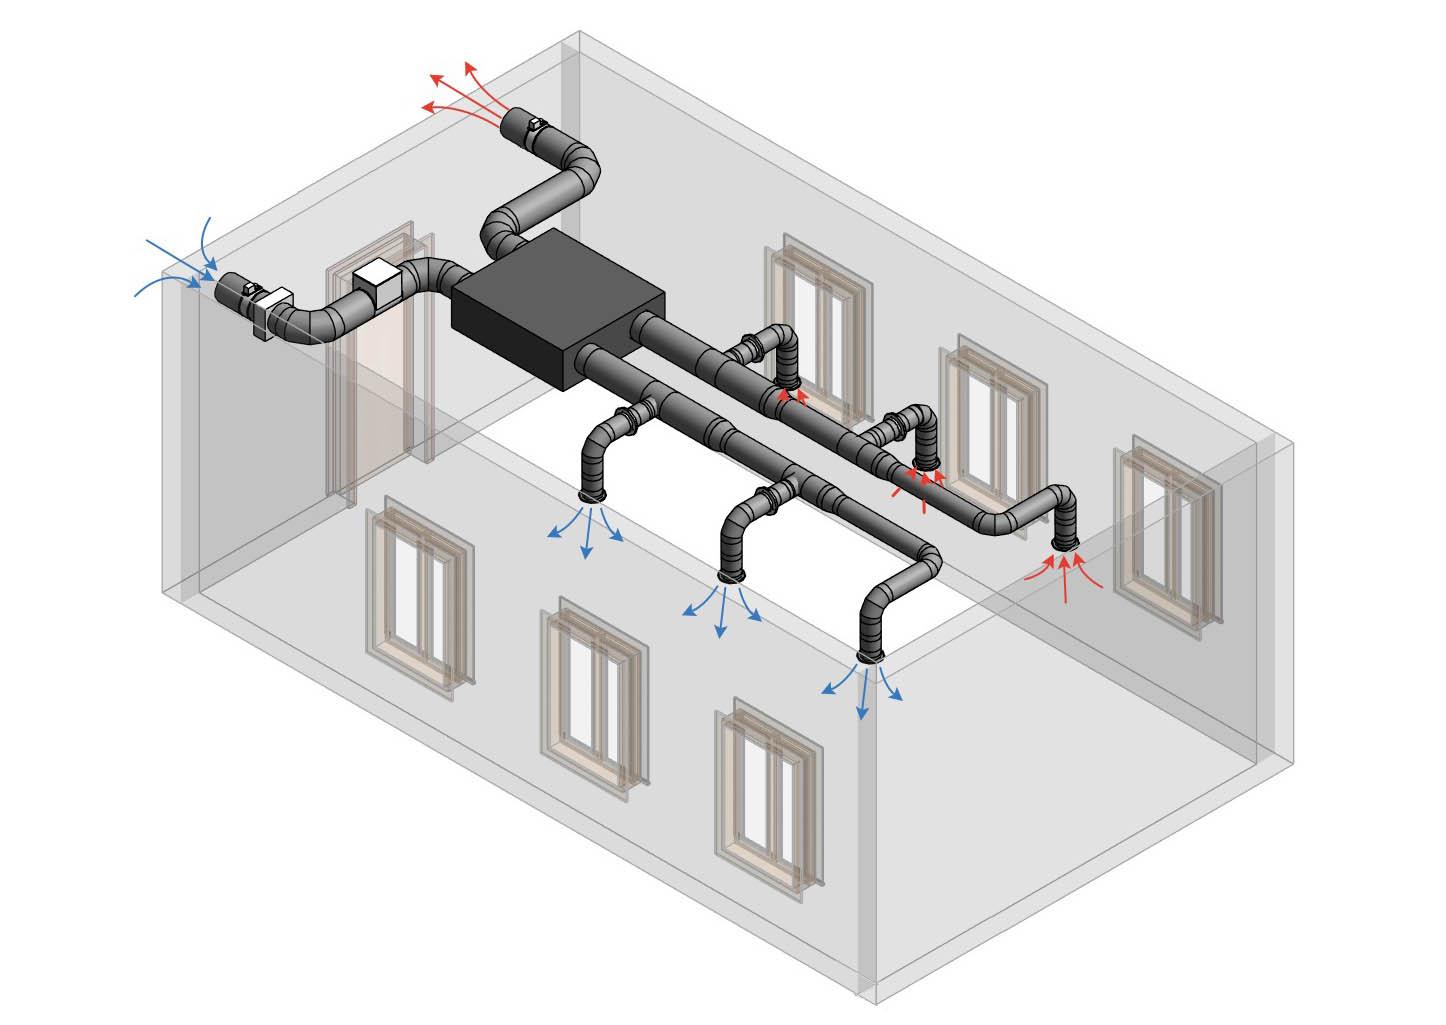 Гост р 56638-2015 чистые помещения. вентиляция и кондиционирование воздуха. общие требования